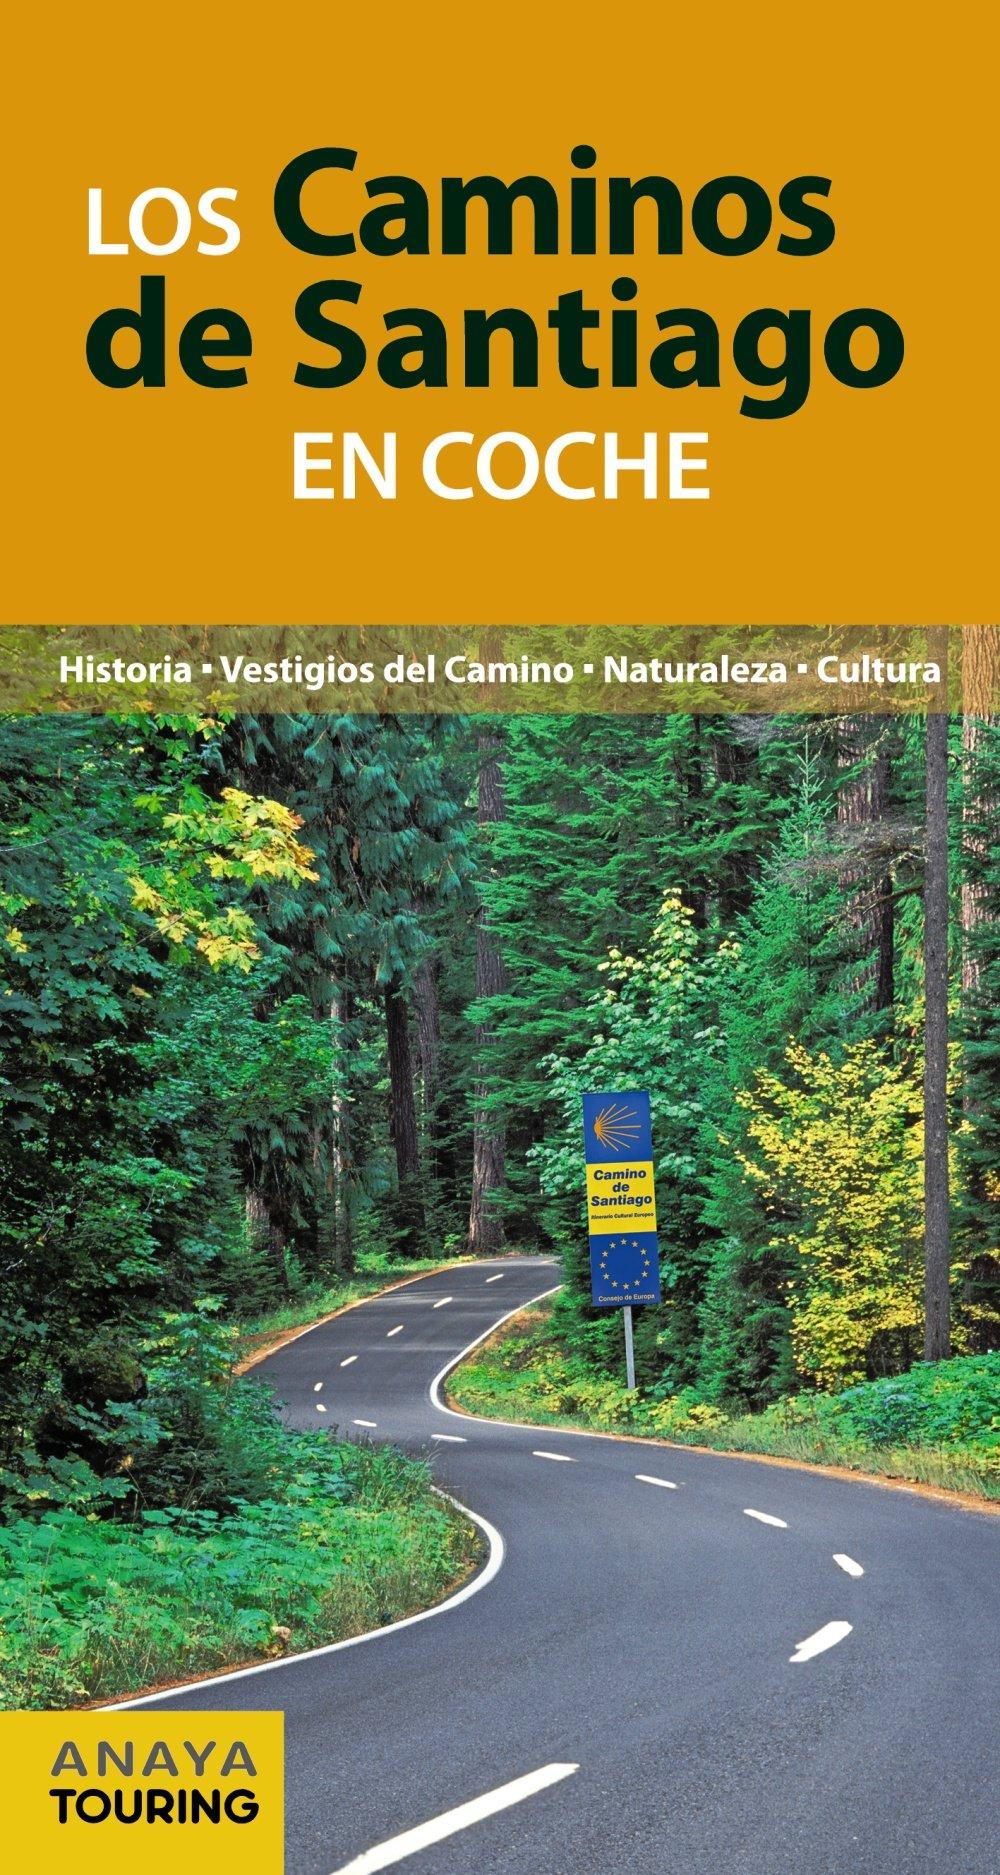 Los Caminos de Santiago en coche (Camino De Santiago): Amazon.es ...